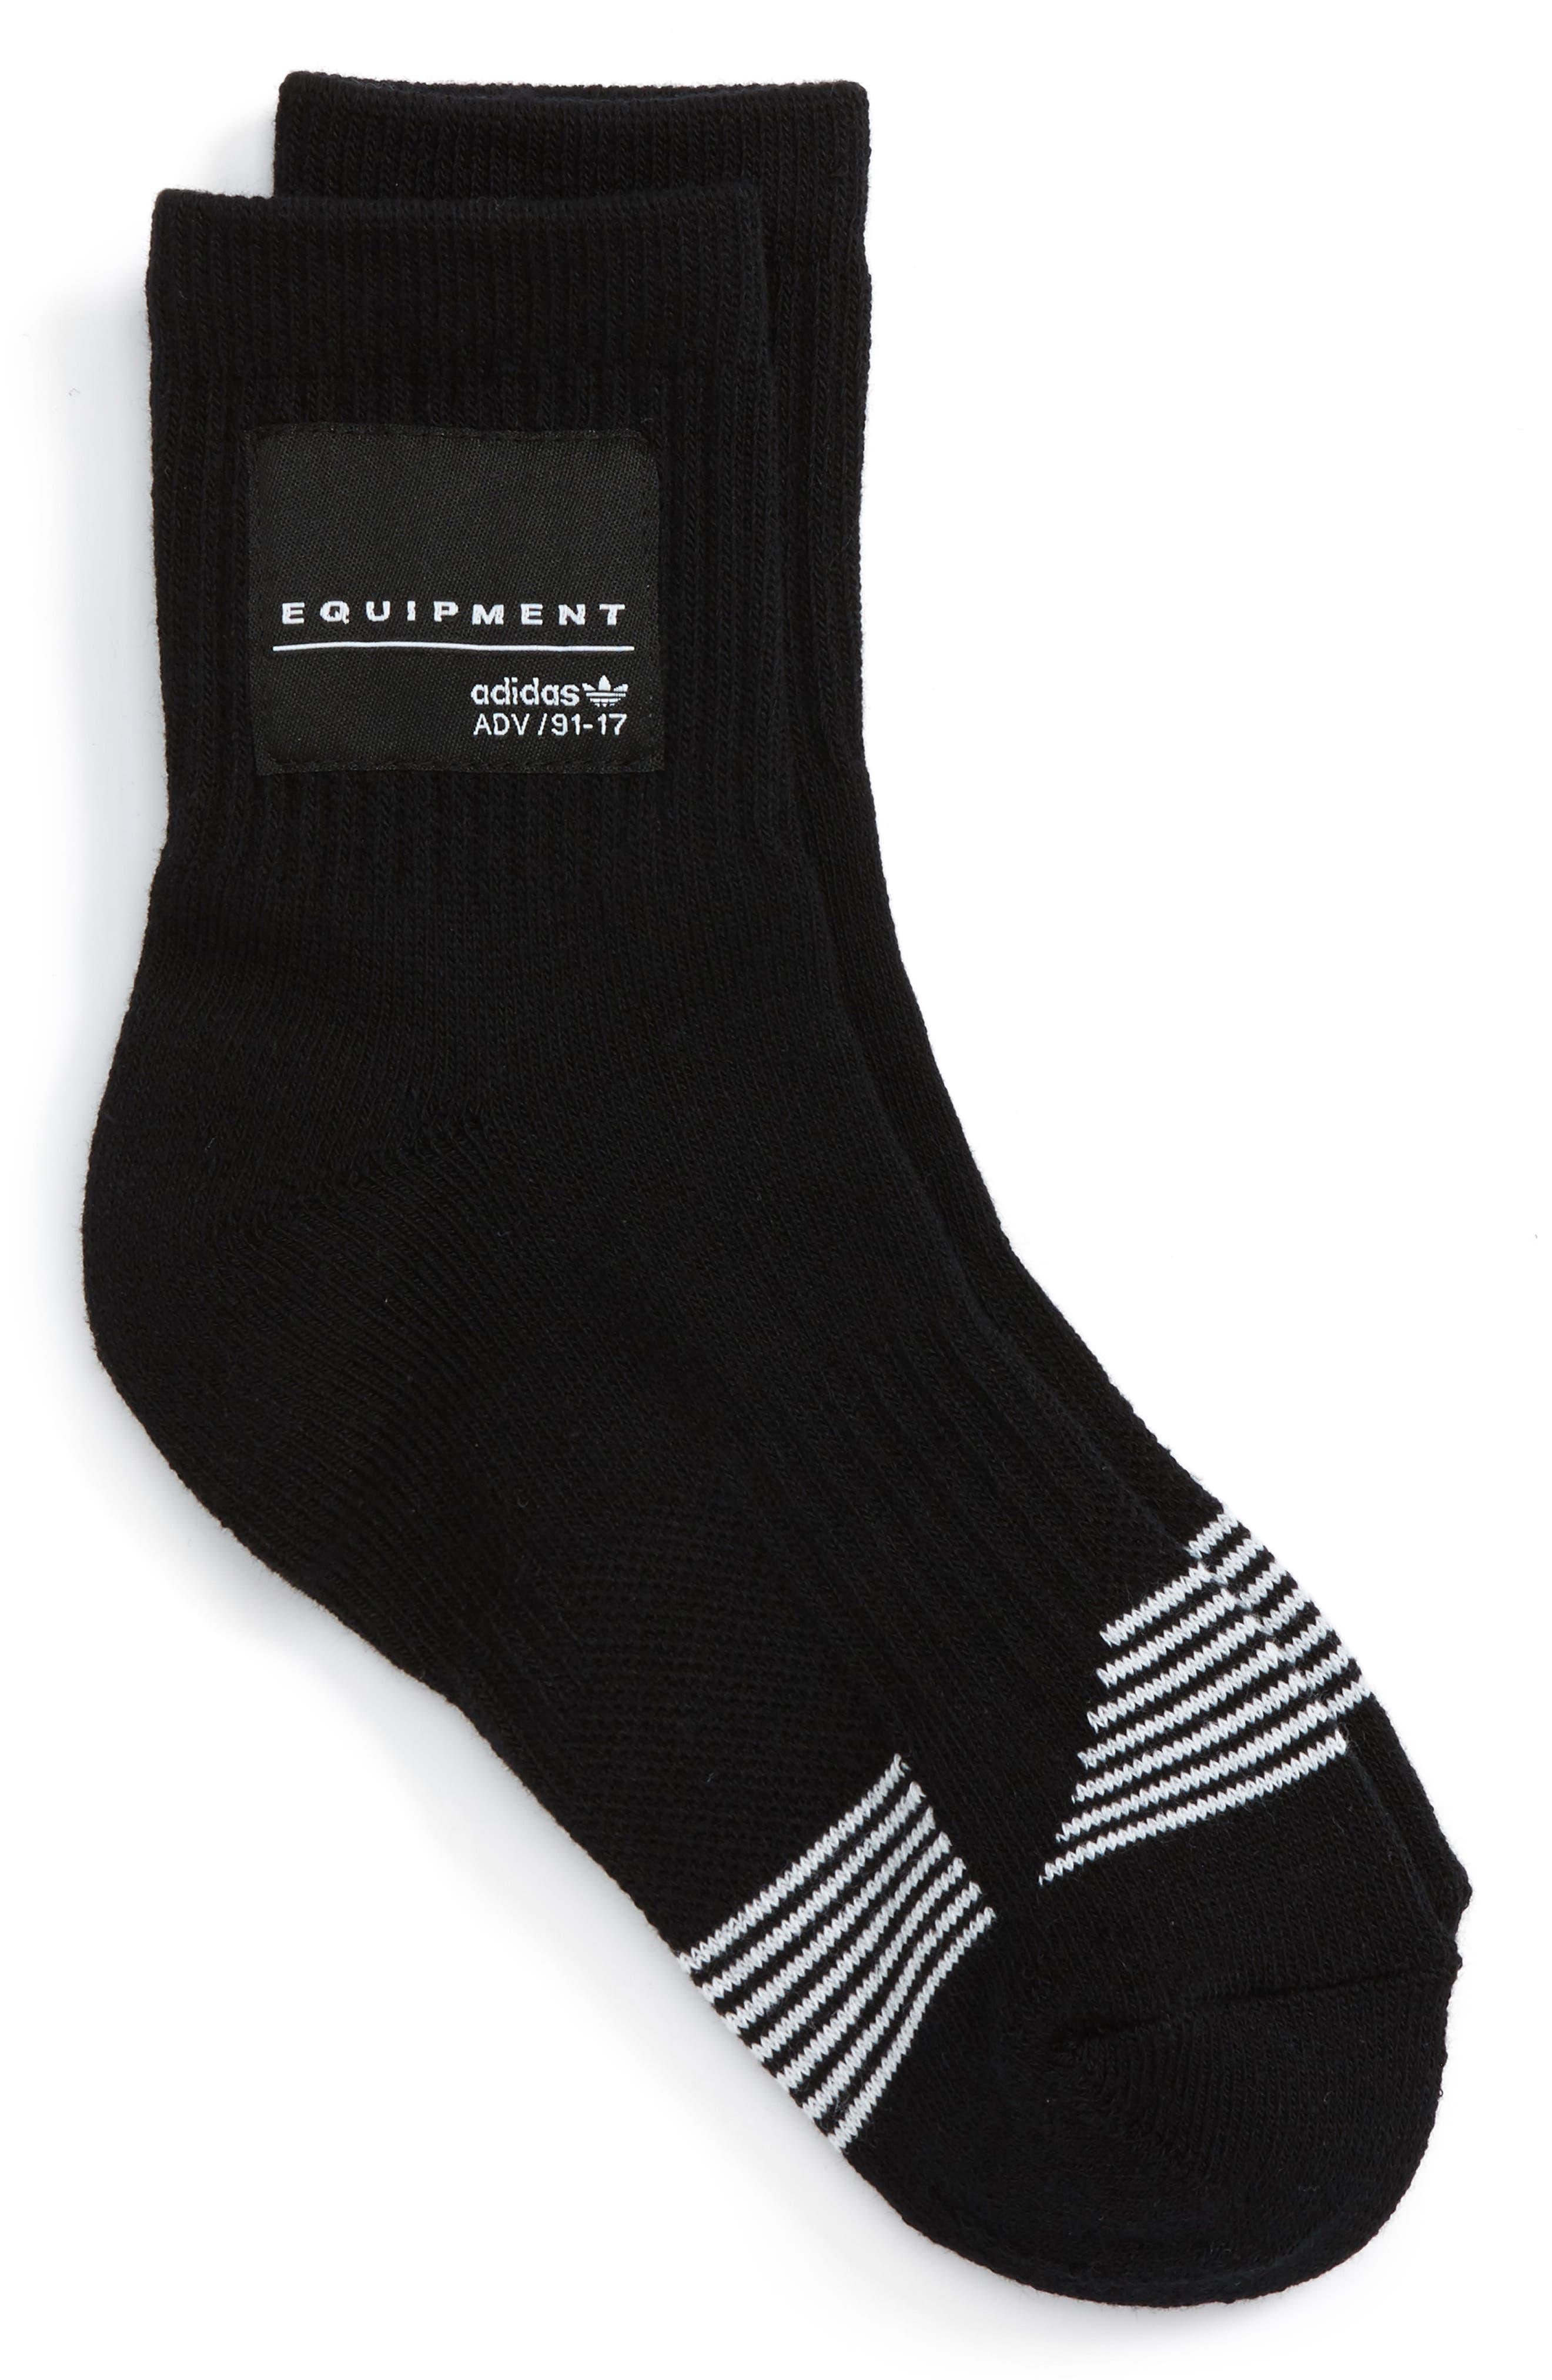 Main Image - adidas Originals Equipment Crew Socks